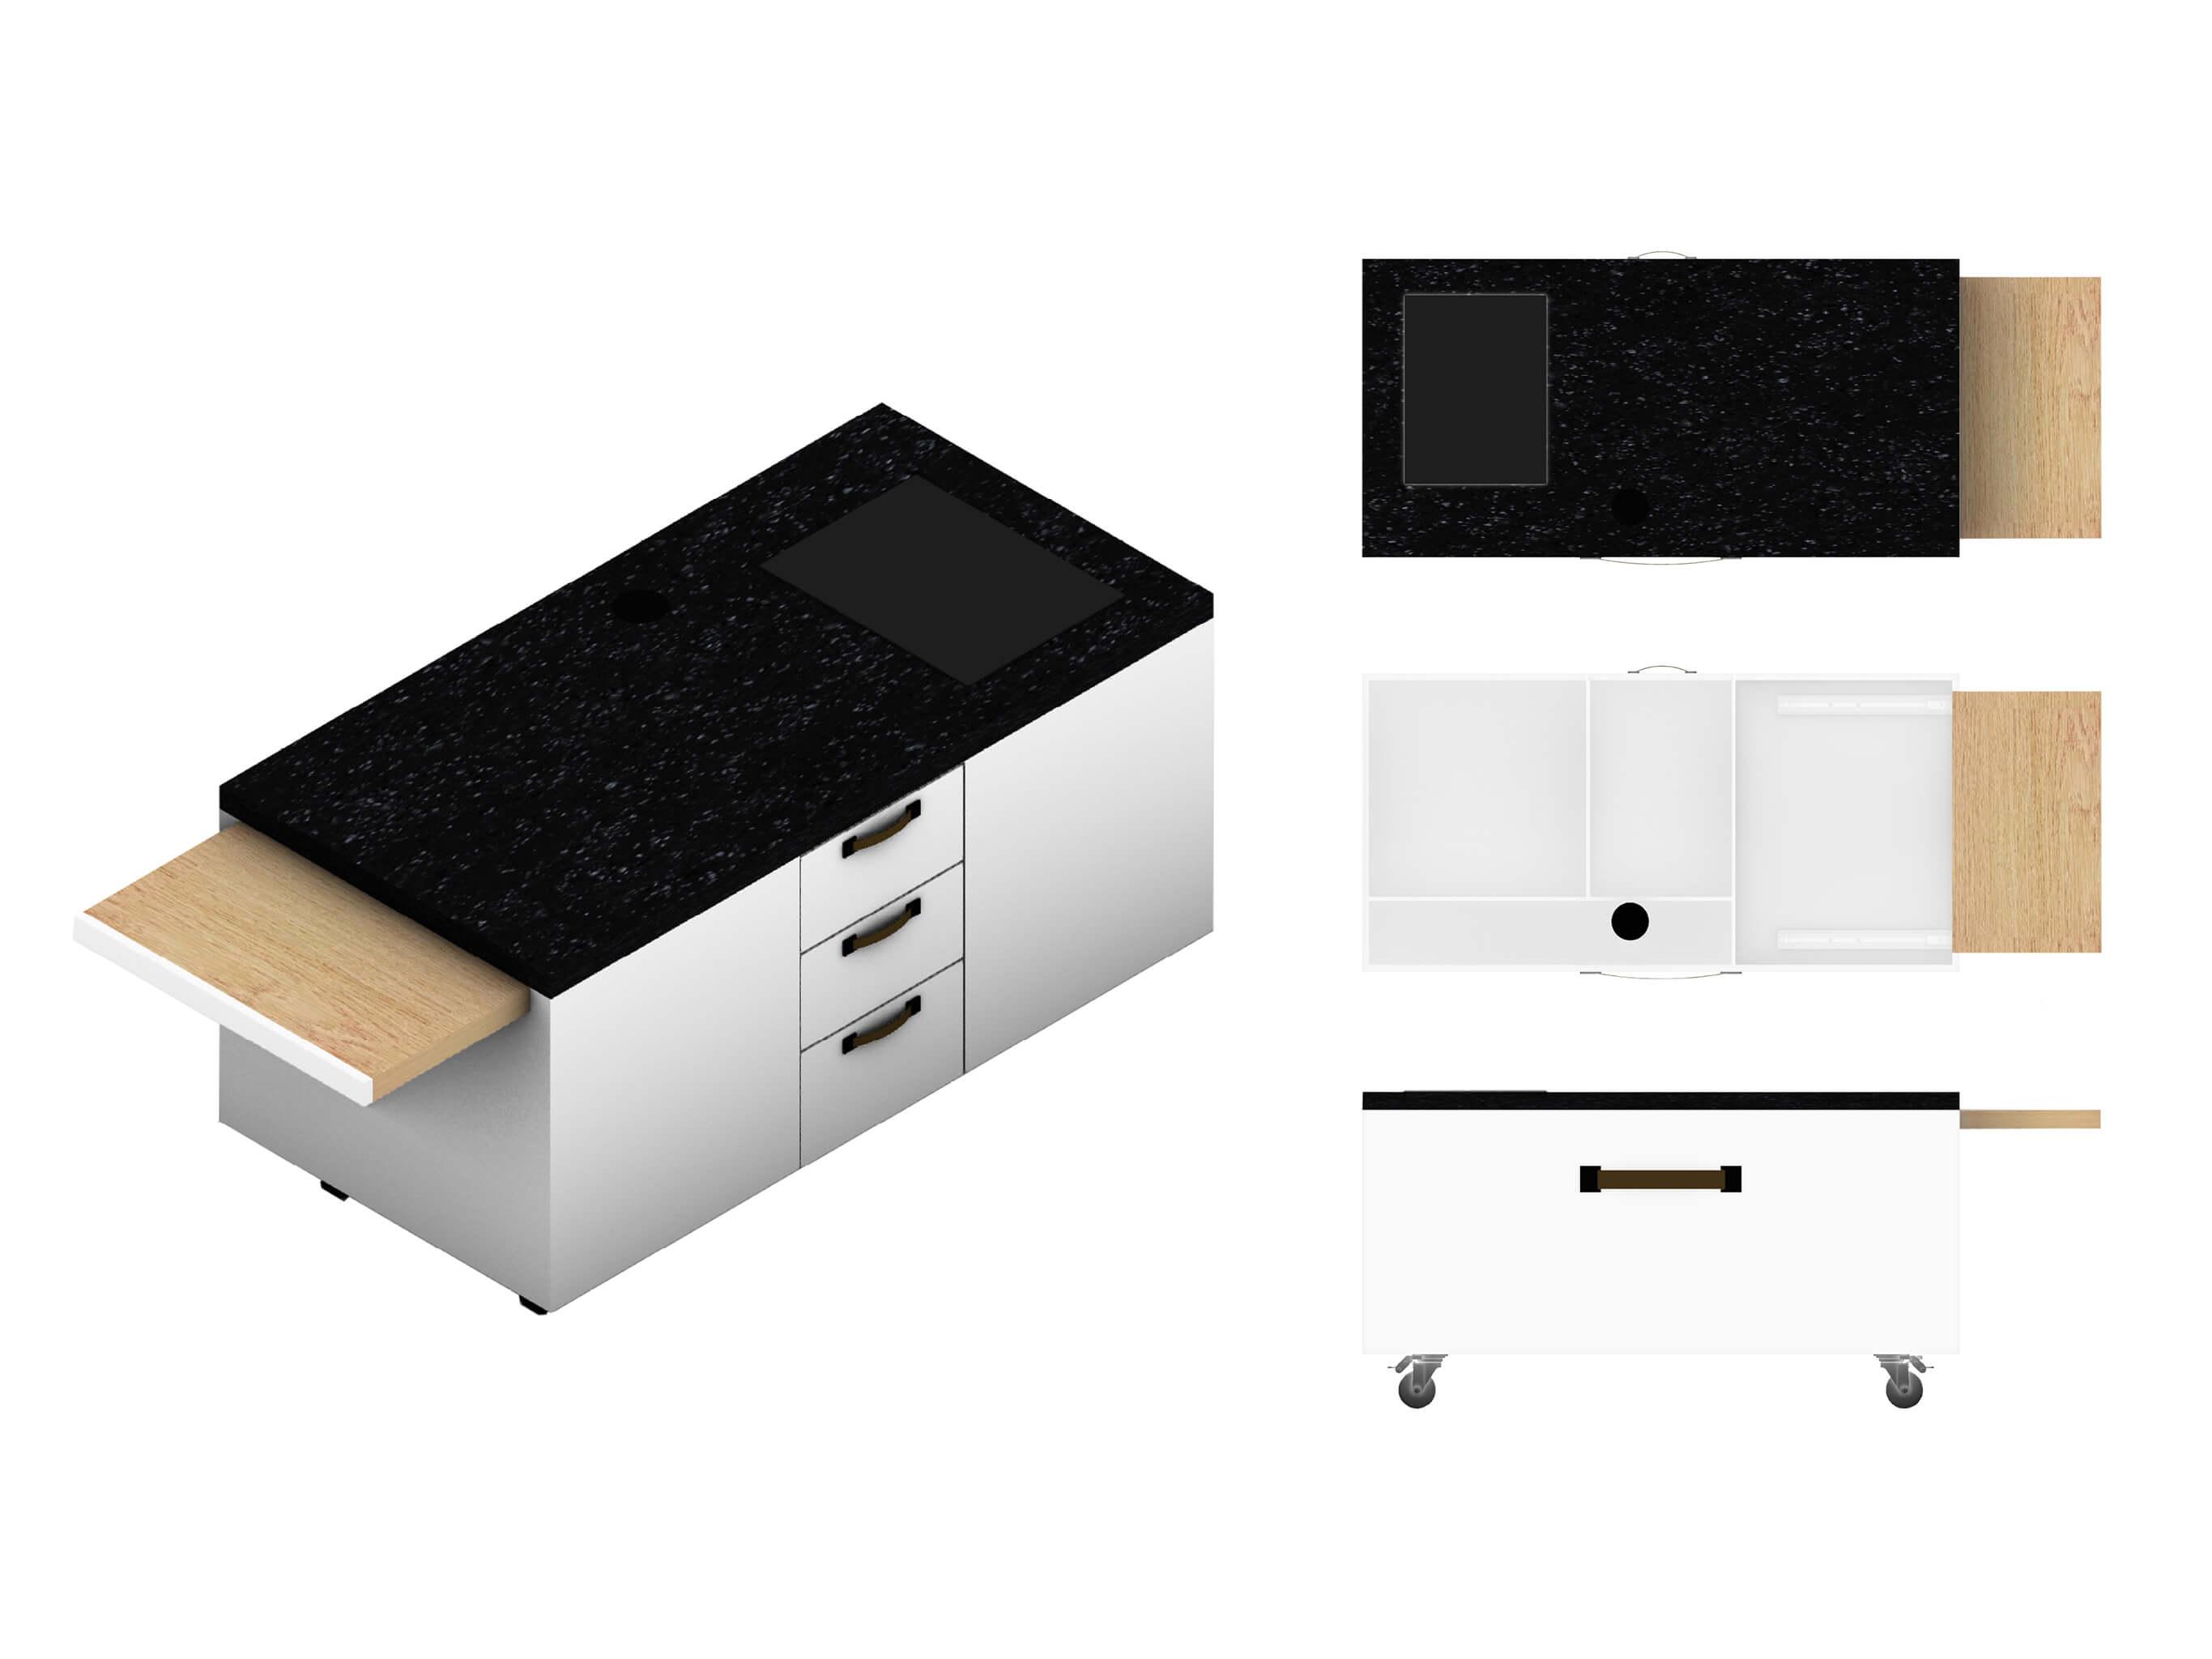 la-cremerie-mobilier-ilot-design-ichetkar5